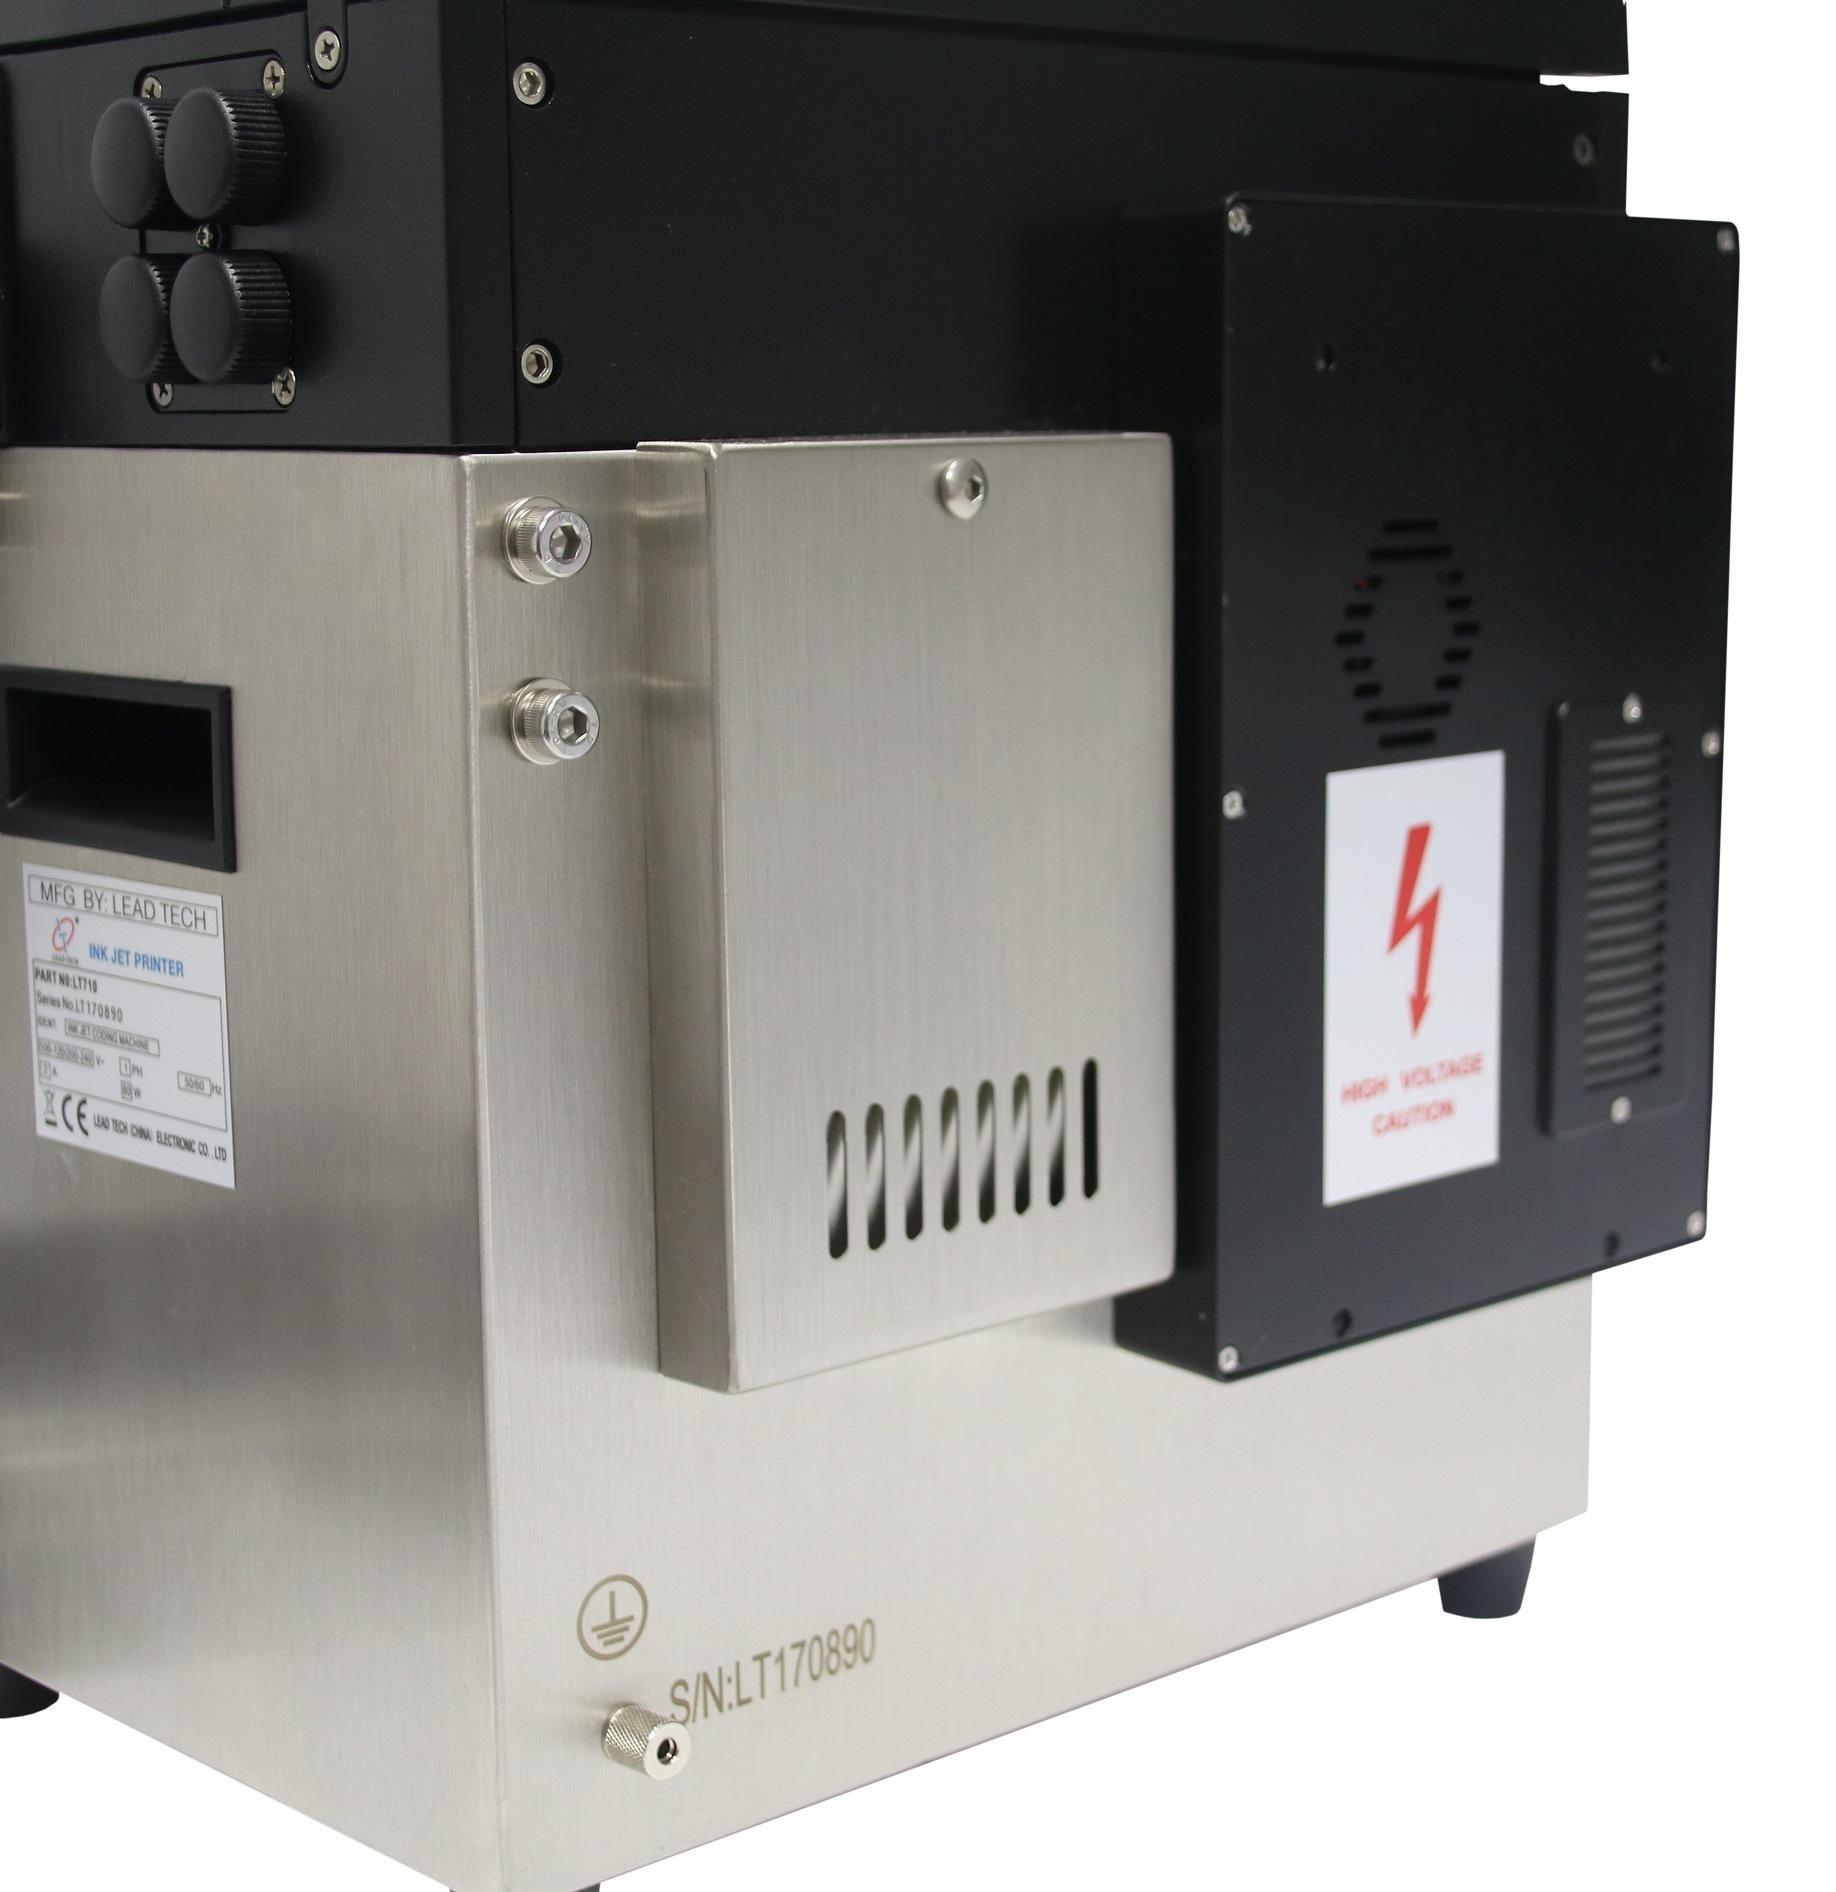 Lead Tech Lt760 Tuna Can Coding Cij Inkjet Printer